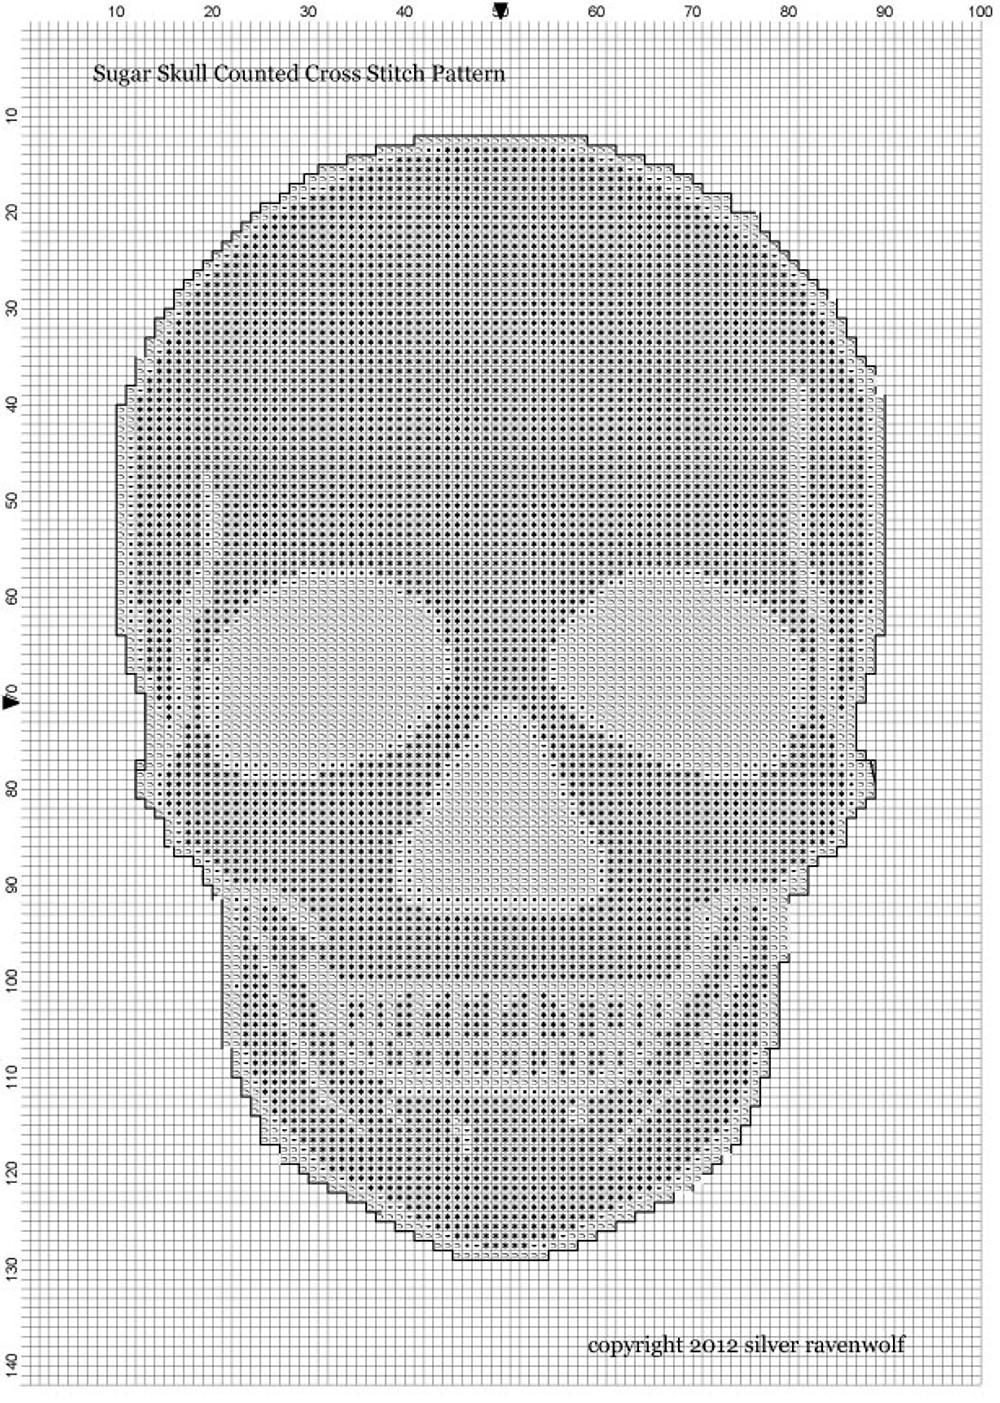 Silver RavenWolf Sugar Skull